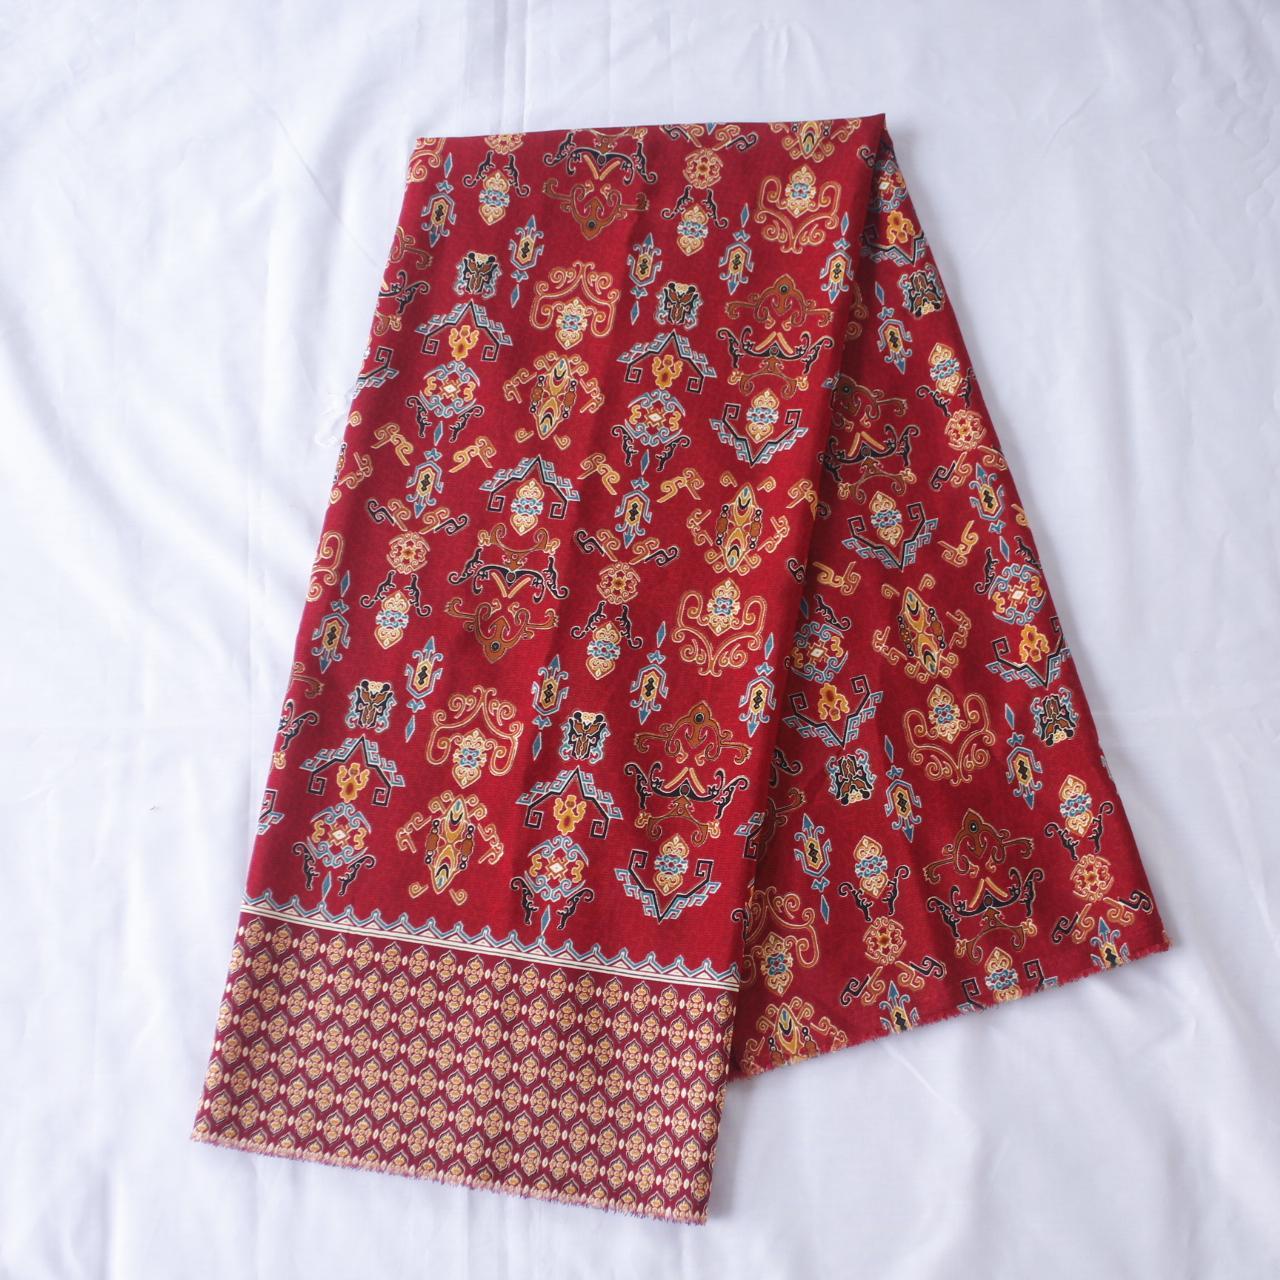 KBS024 Kain Batik Meteran Semi Sutra Bawahan Kebaya Modern Bahan